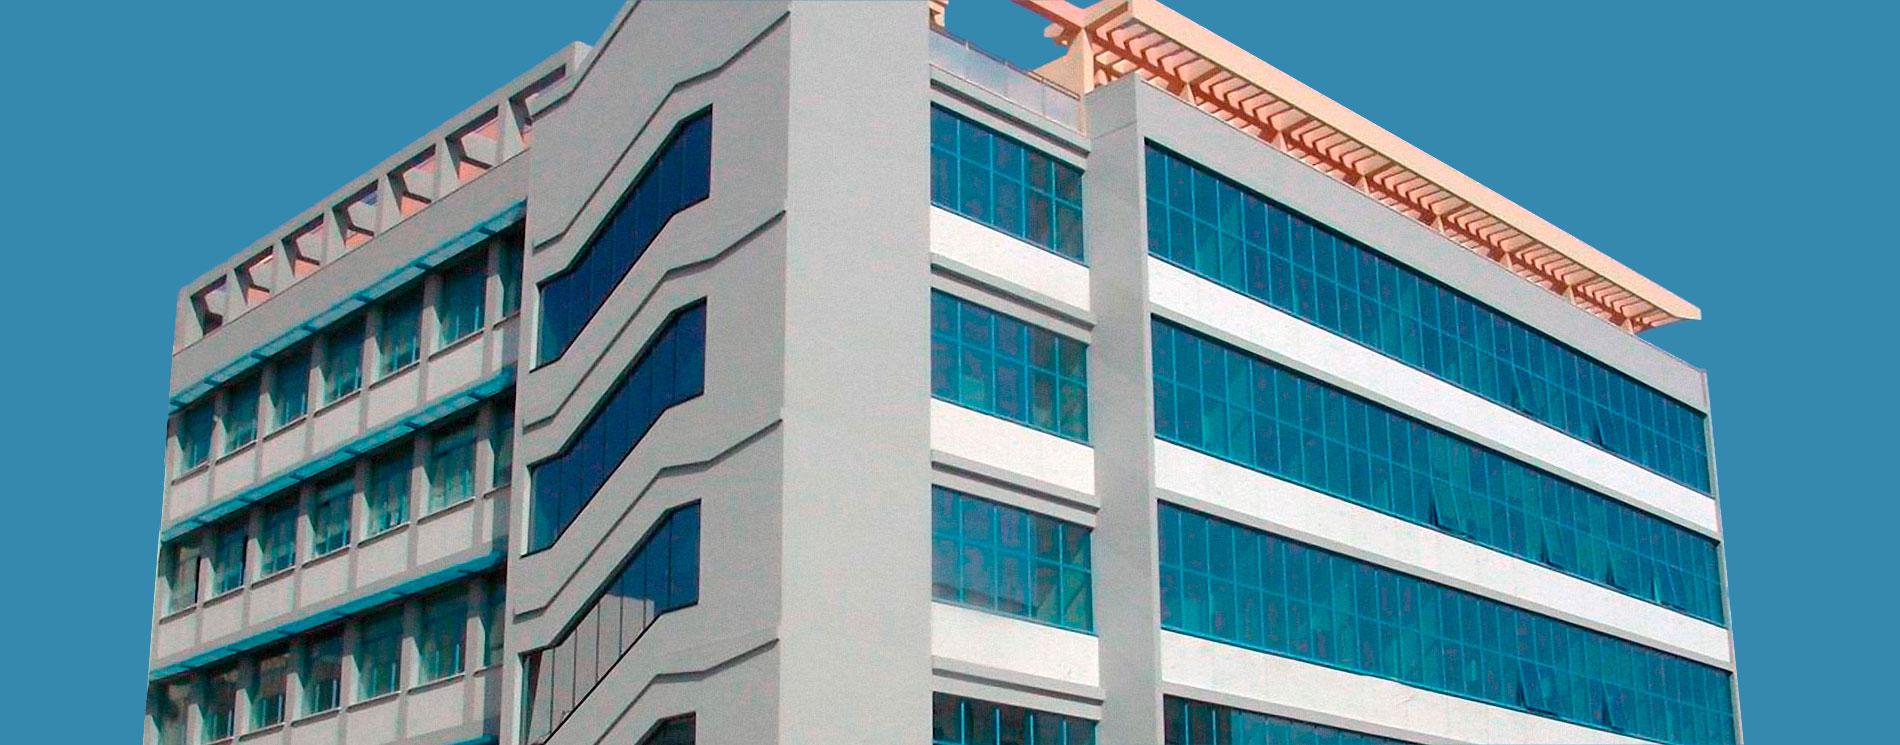 Imprese Di Costruzioni Catania i.l.e.s. impresa lavori edili stradali | construction